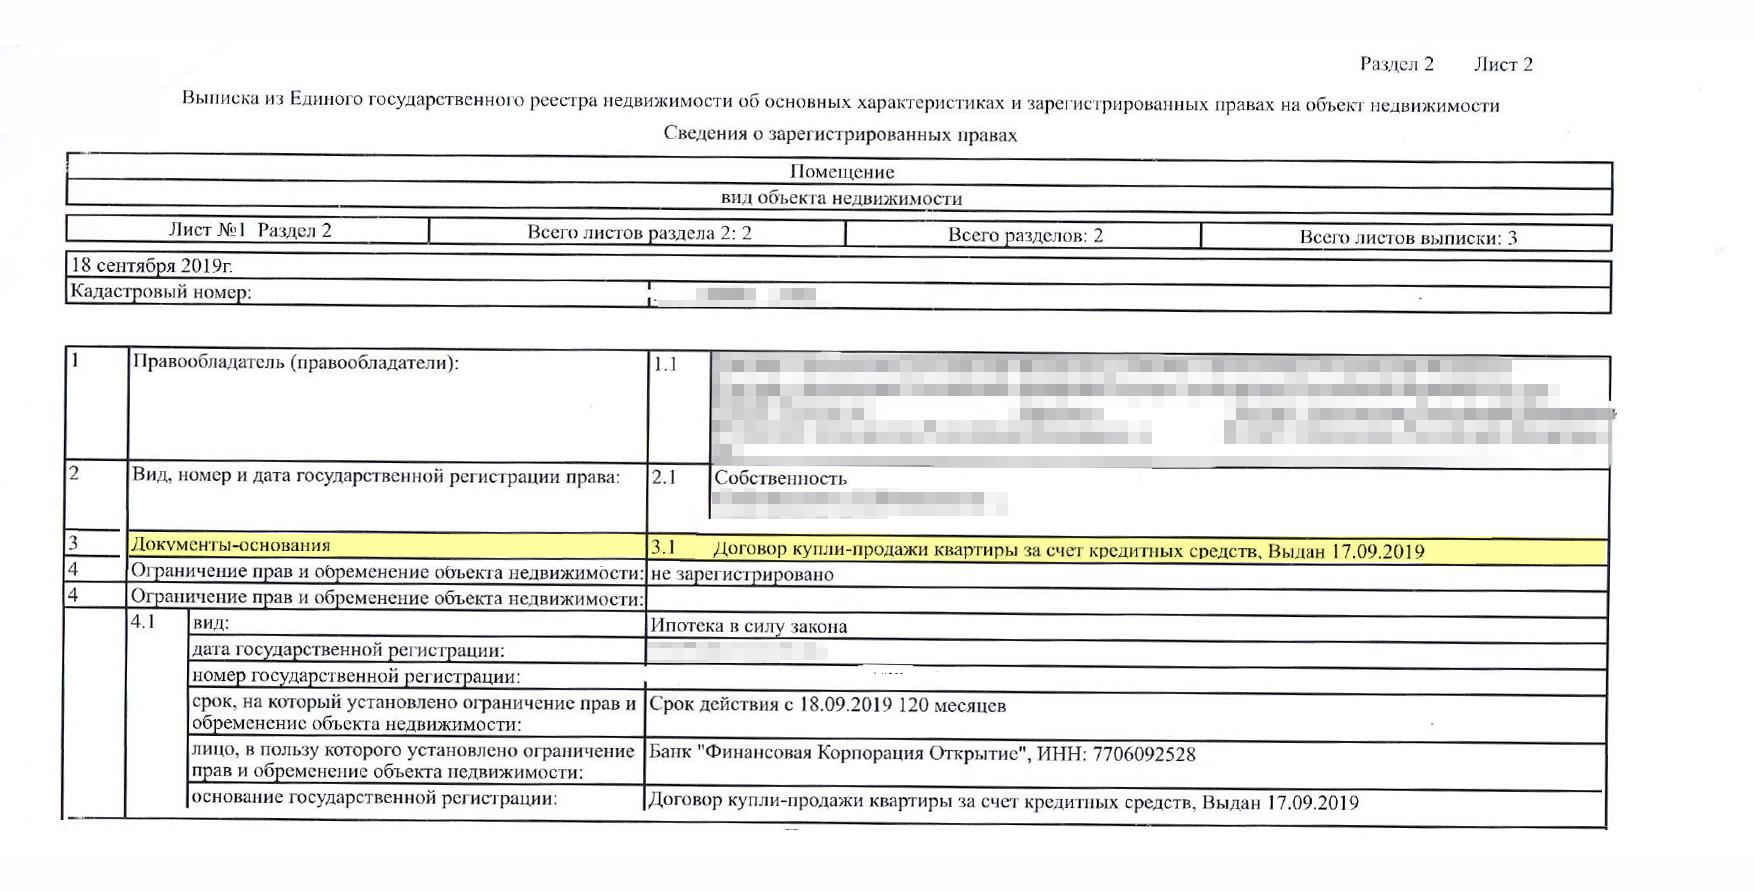 Пример выписки из ЕГРН на квартиру. В пункте 3 указан документ-основание — договор купли-продажи квартиры за счет кредитных средств